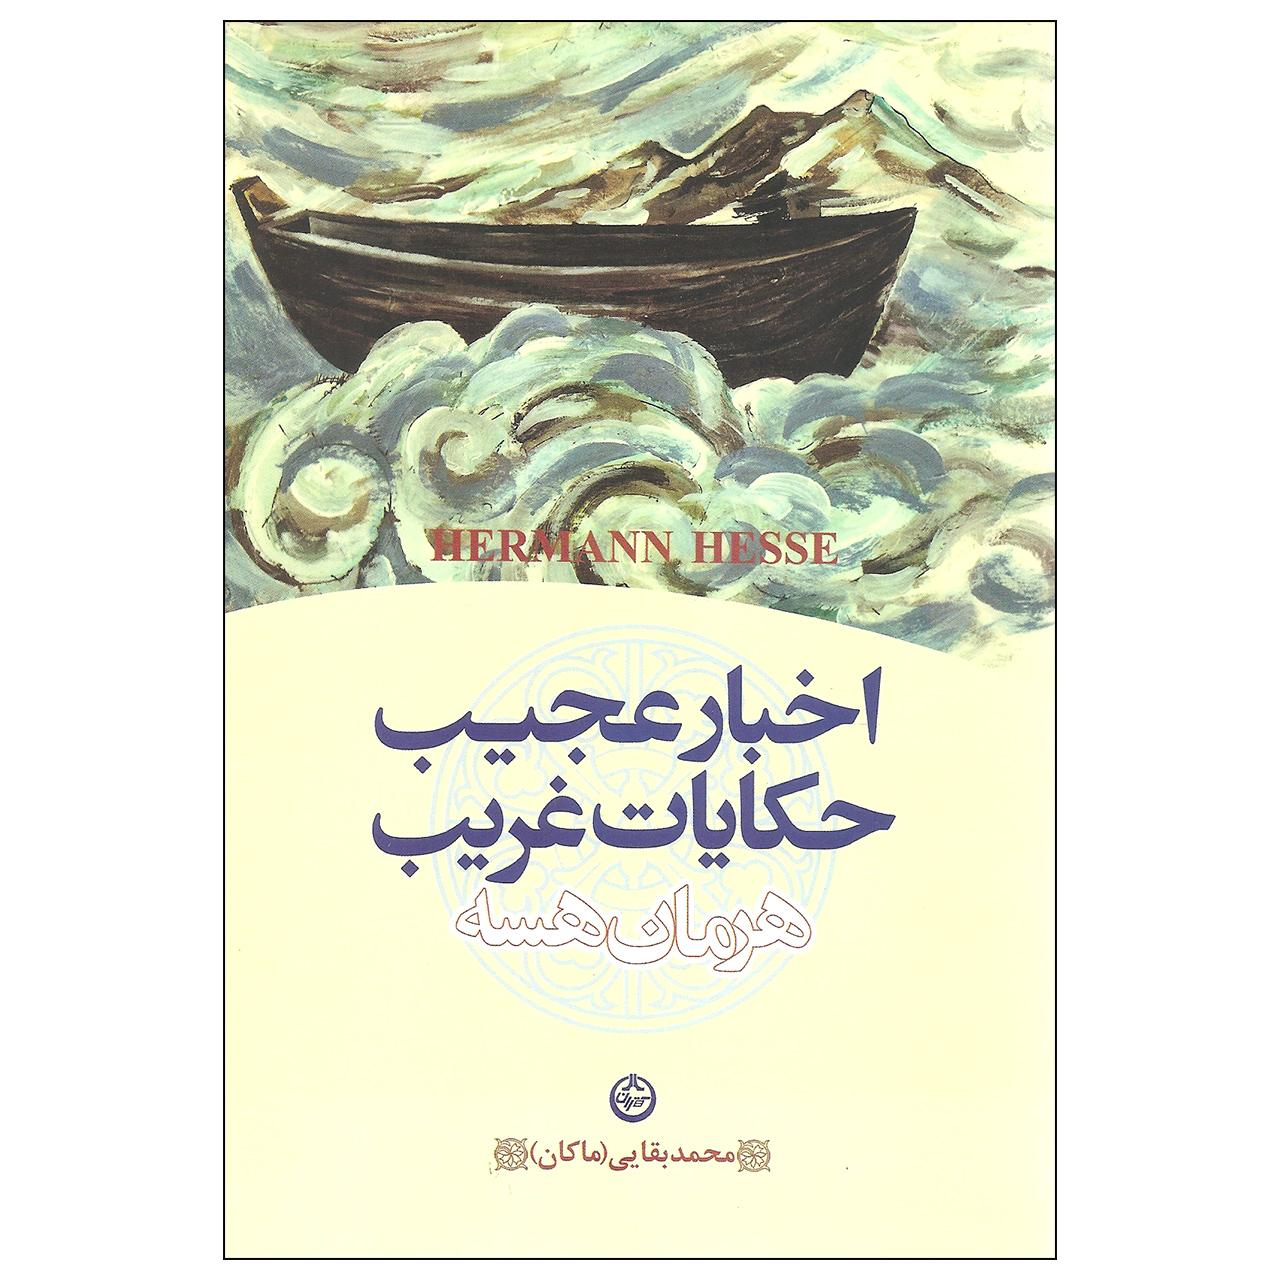 کتاب اخبار عجیب حکایات غریب اثر هرمان هسه انتشارات تهران